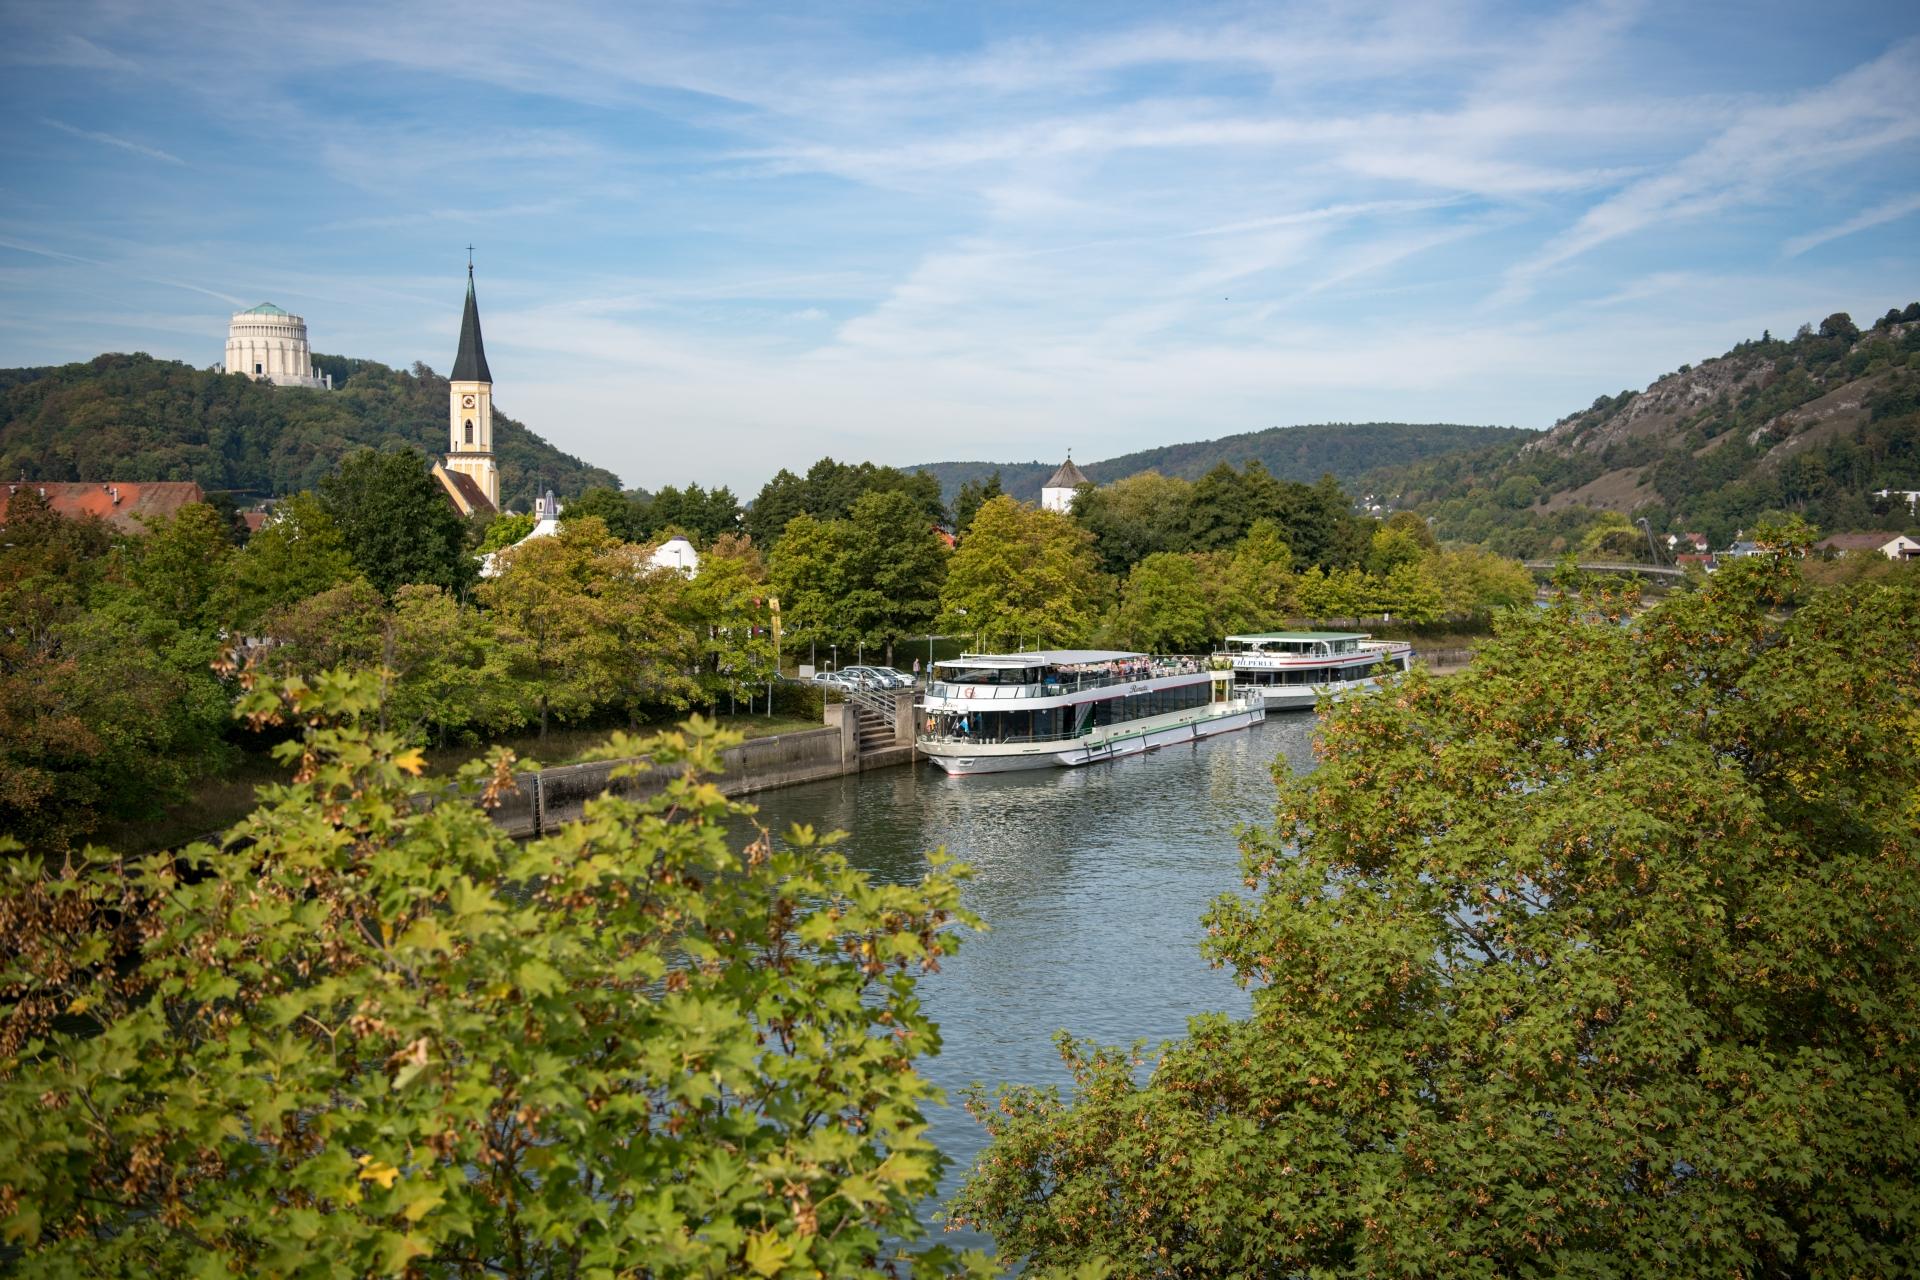 Blick auf Kelheim, den Main-Donau-Kanal und die Befreiungshalle